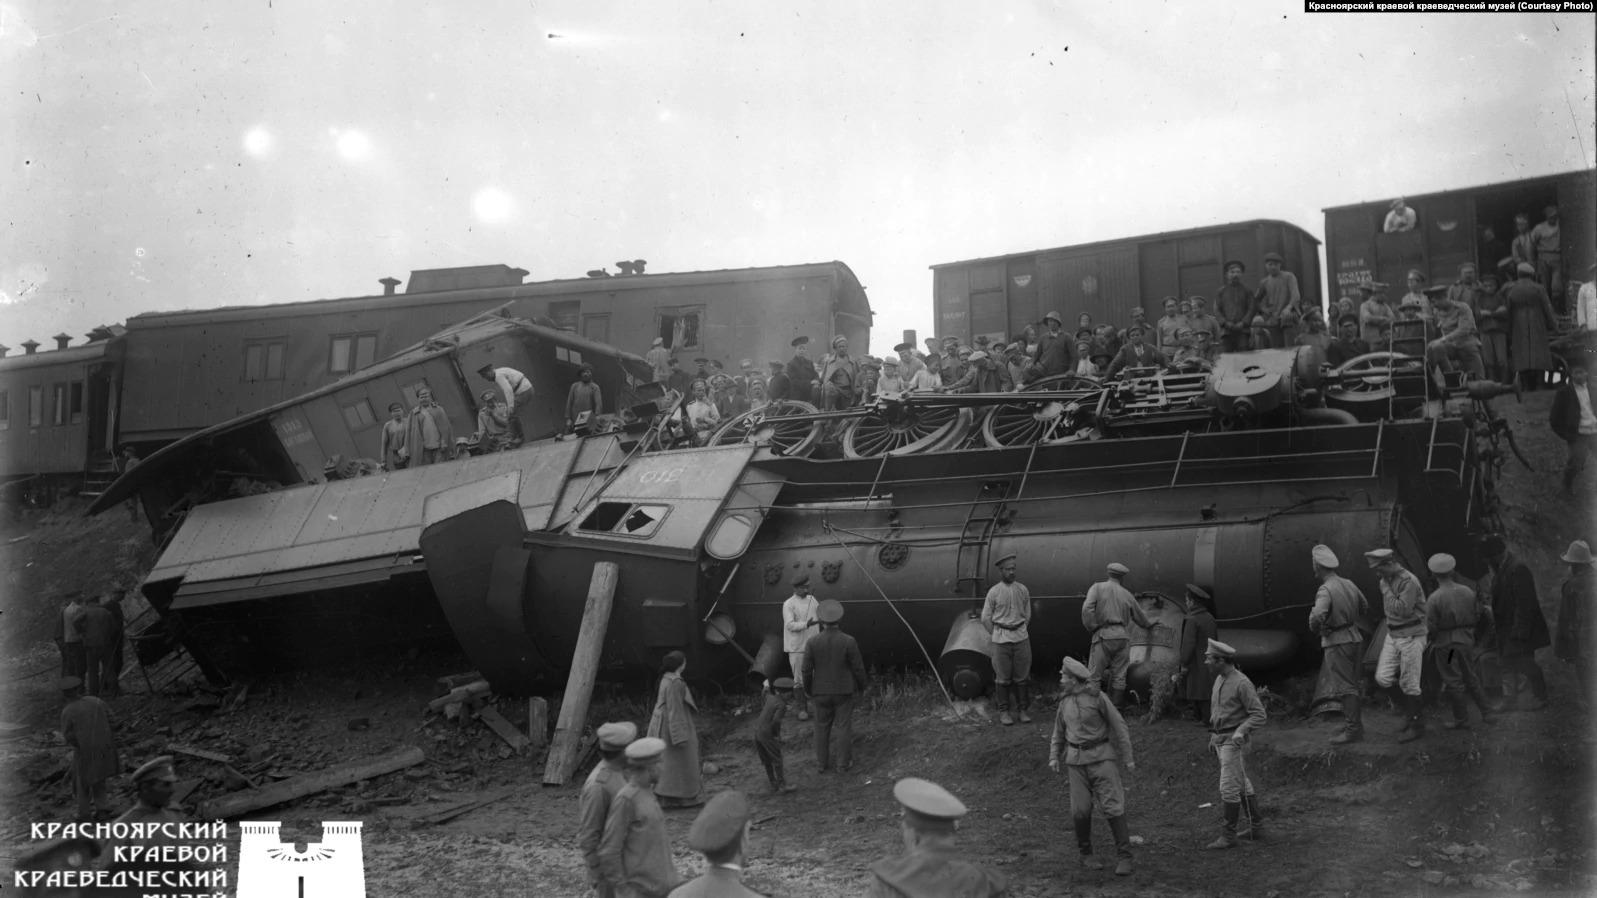 Людвиг снимал и происшествия. Например, крушение поезда под Красноярском в 1917 году